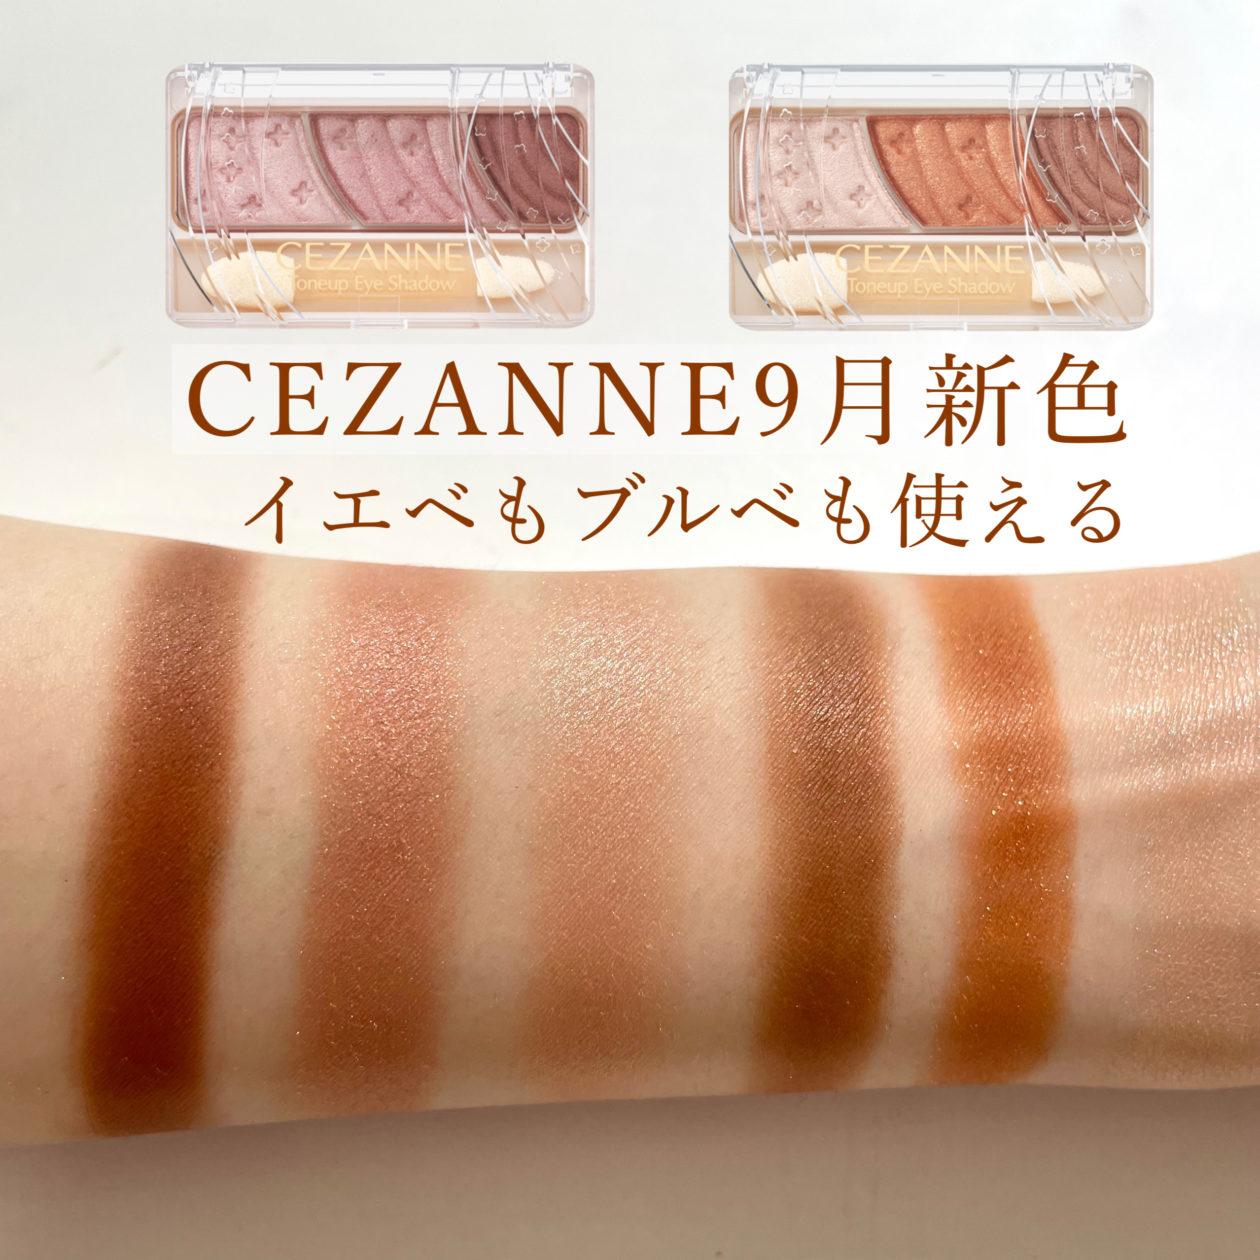 【セザンヌ】トーンアップアイシャドウ秋の新色